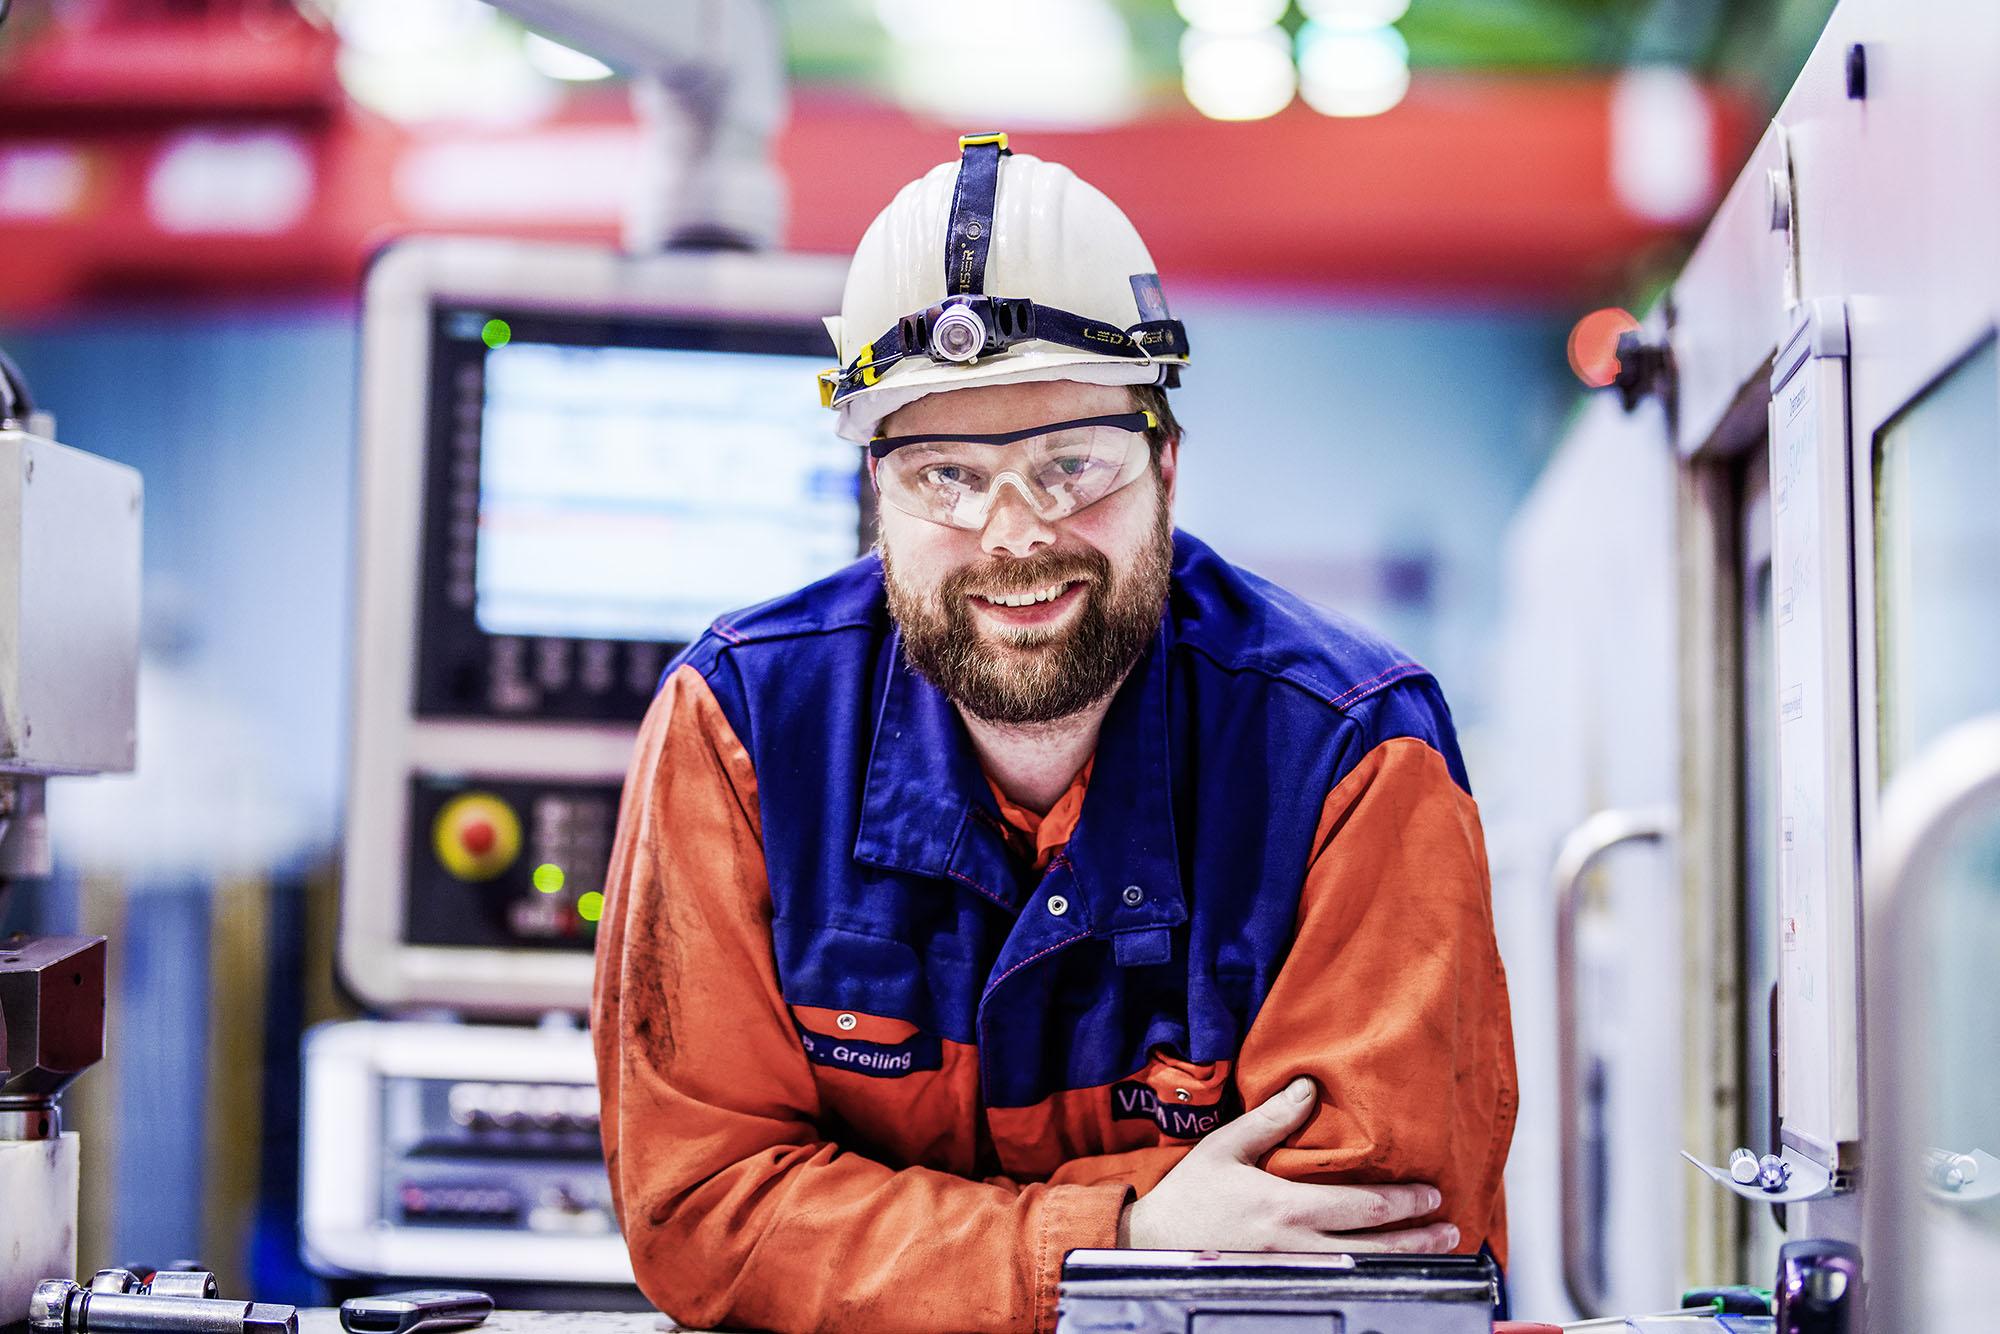 wolfram-schroll_Industriefotografie_vdm19_03